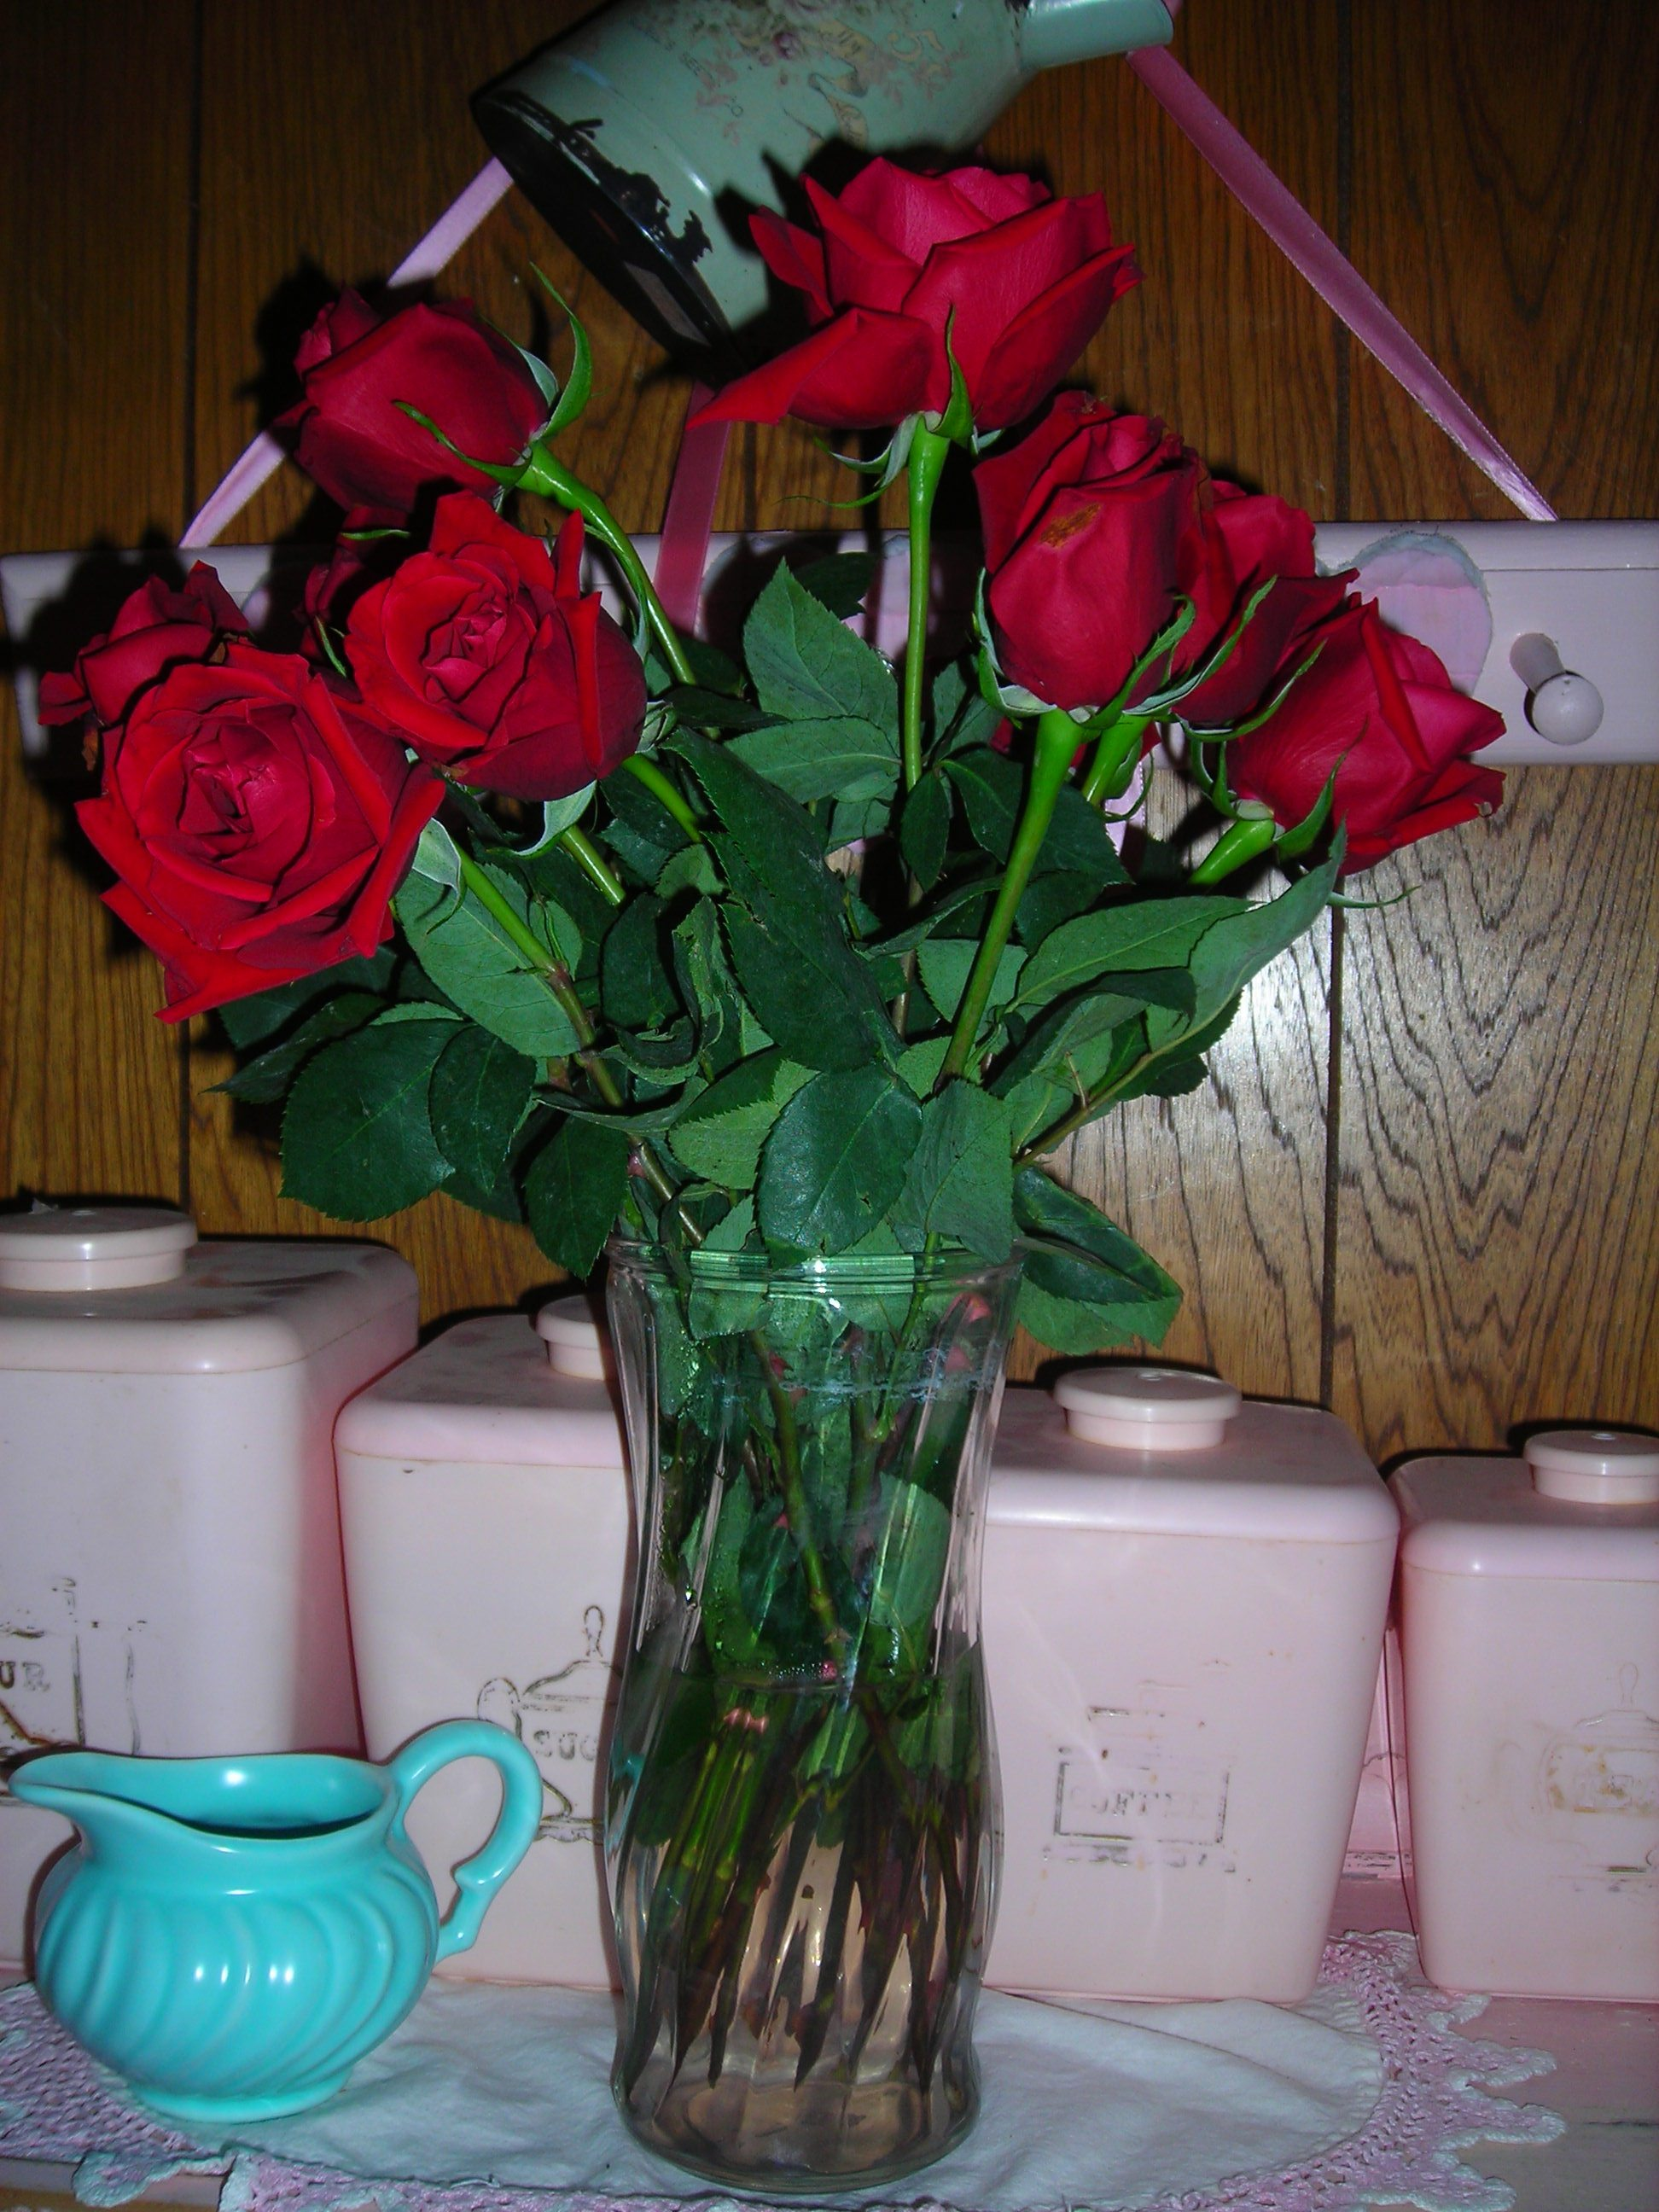 a dozen 'i love yous' from my valentine ben